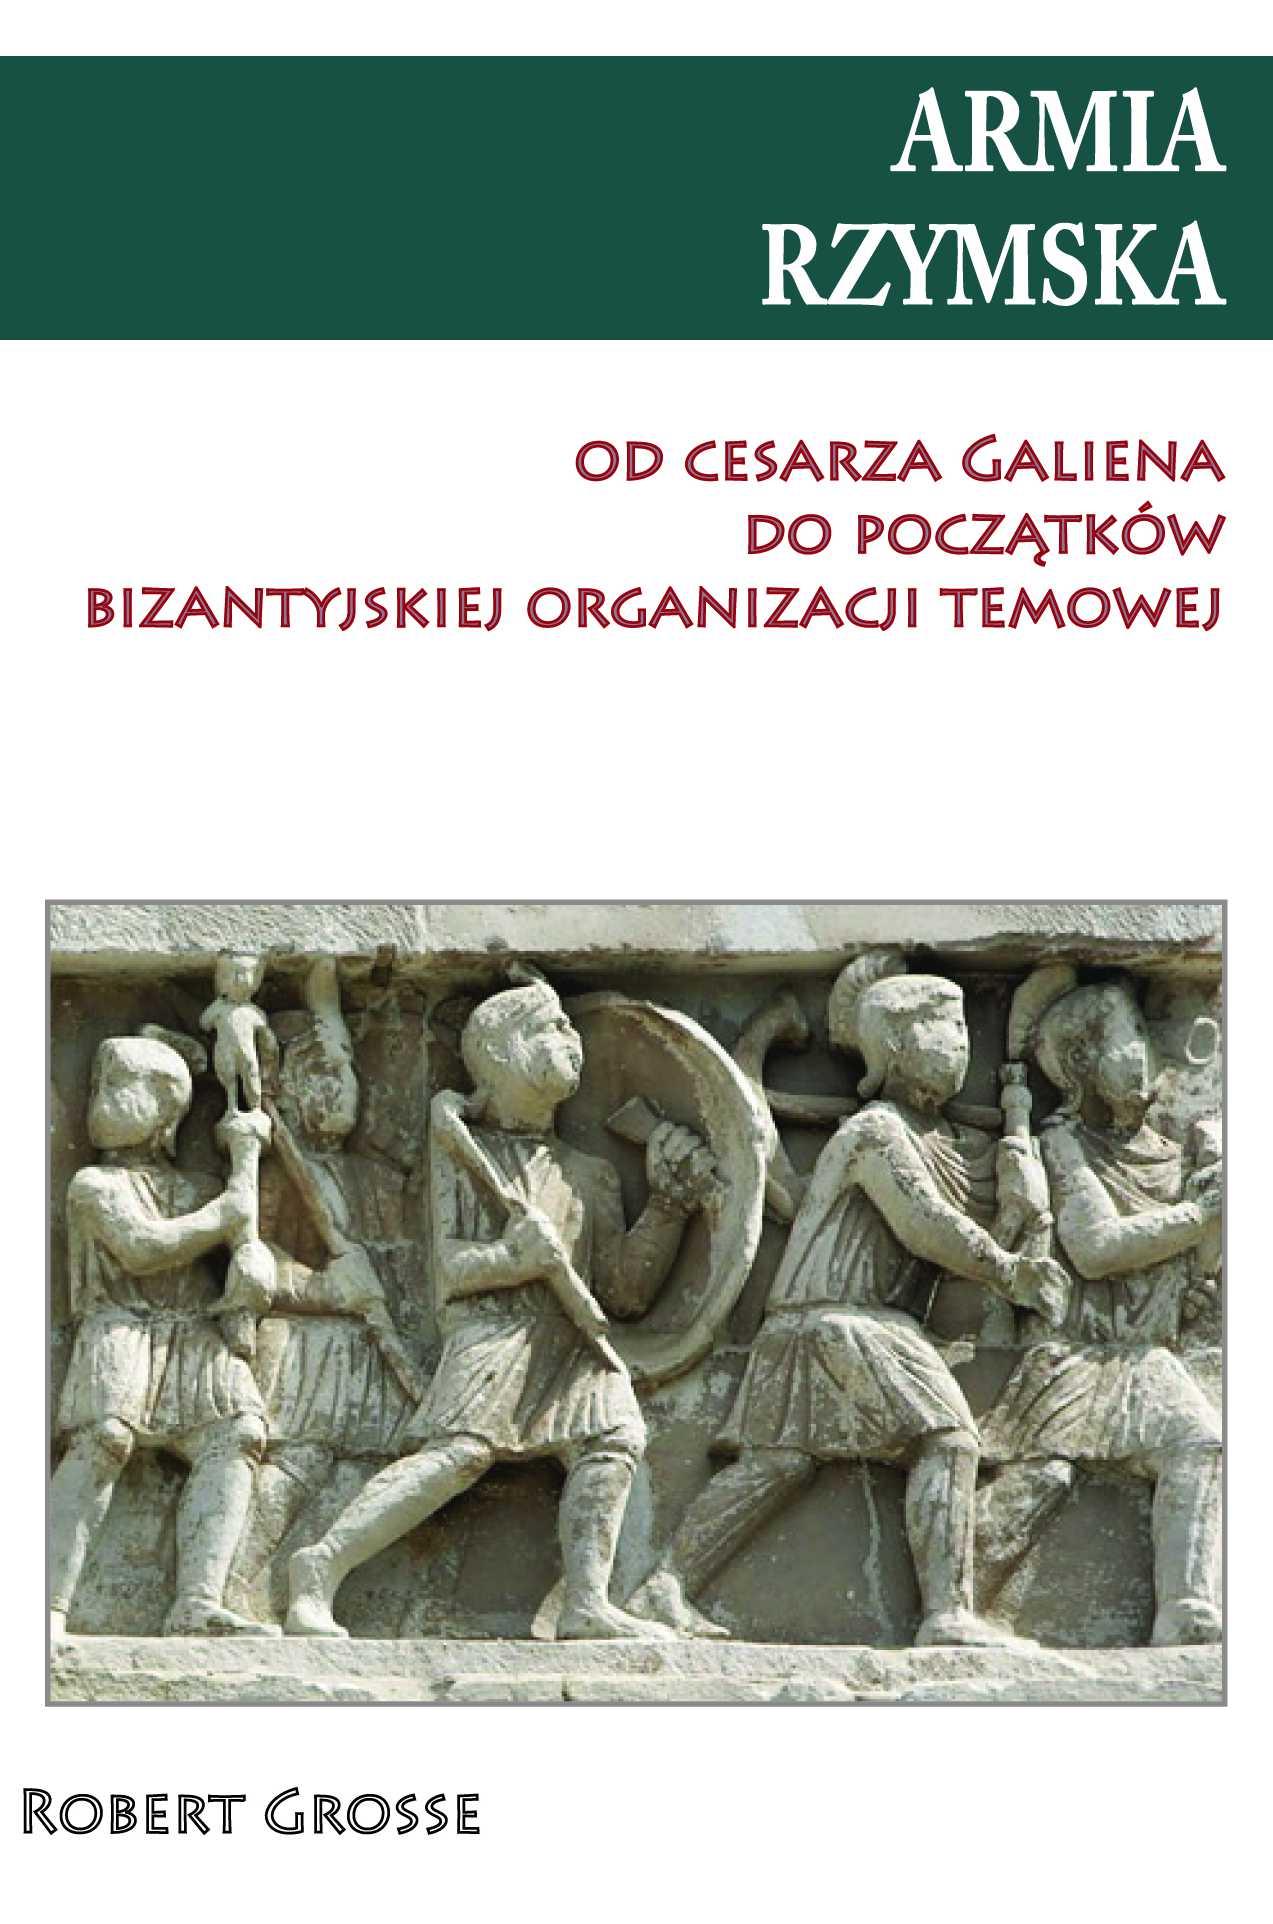 Armia rzymska od Cesarza Galiena do początków bizantyjskiej organizacji temowej - Ebook (Książka na Kindle) do pobrania w formacie MOBI